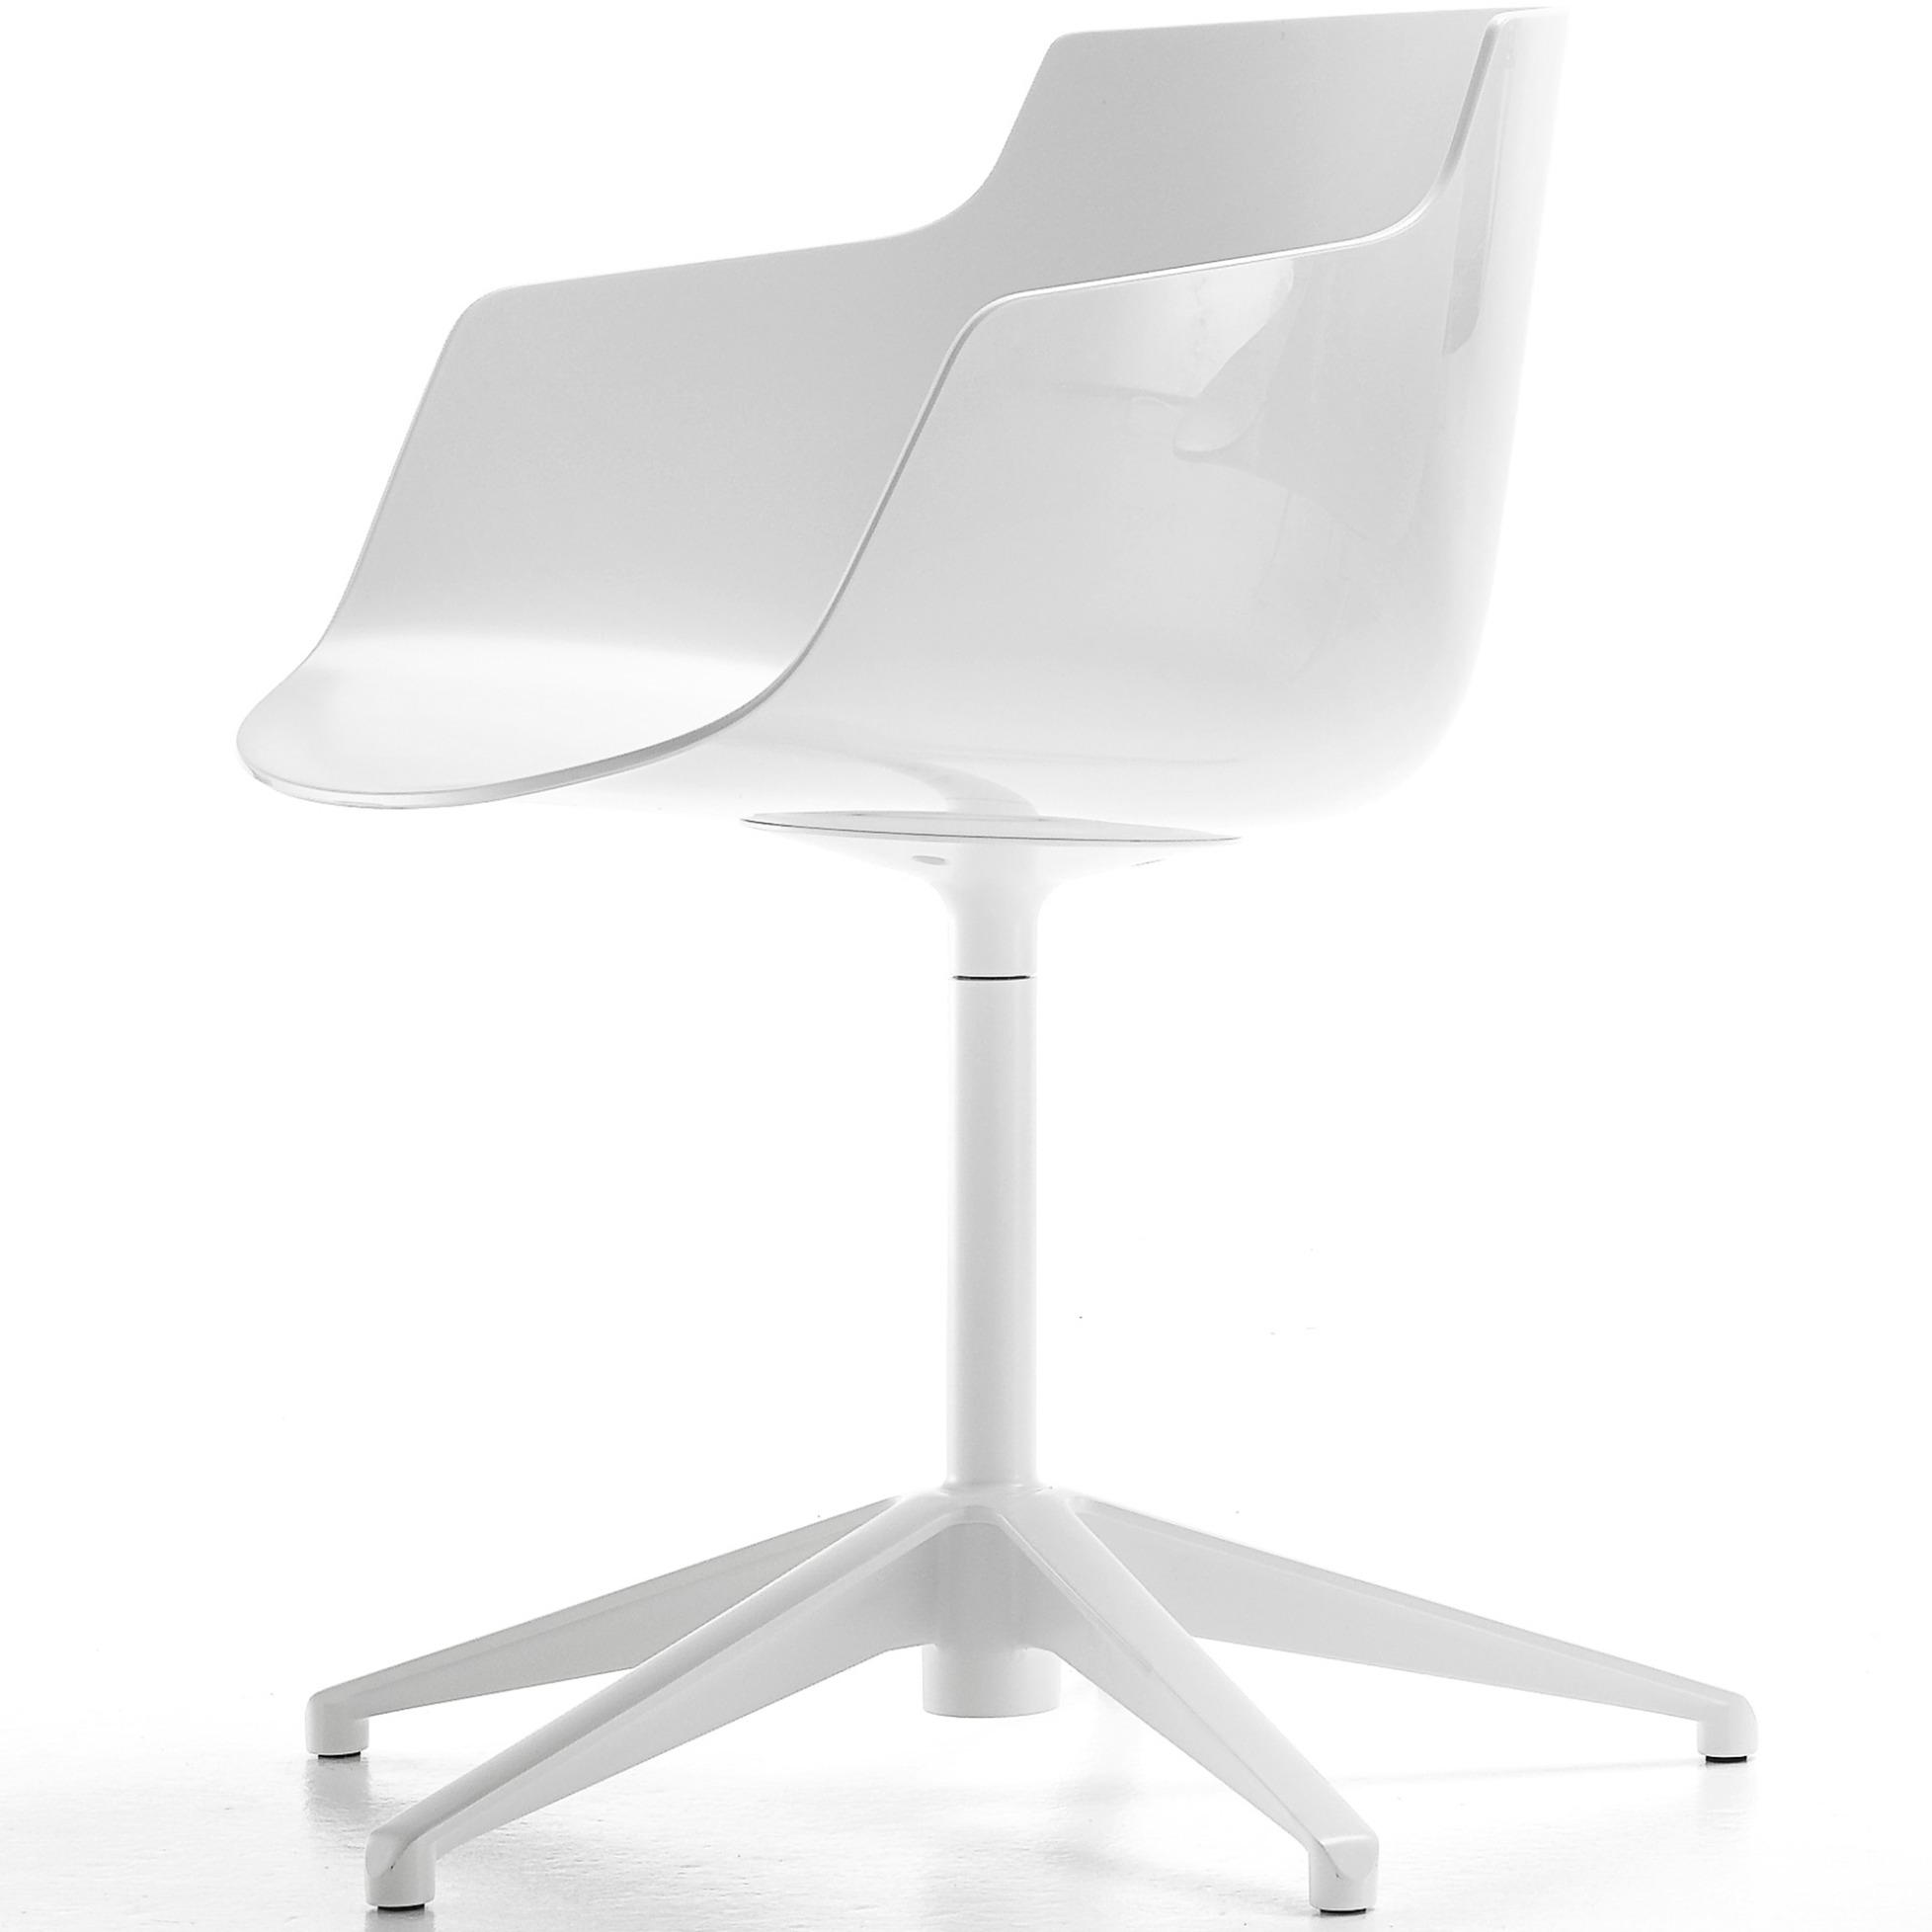 flow slim 5 star steel base by mdf italia. Black Bedroom Furniture Sets. Home Design Ideas